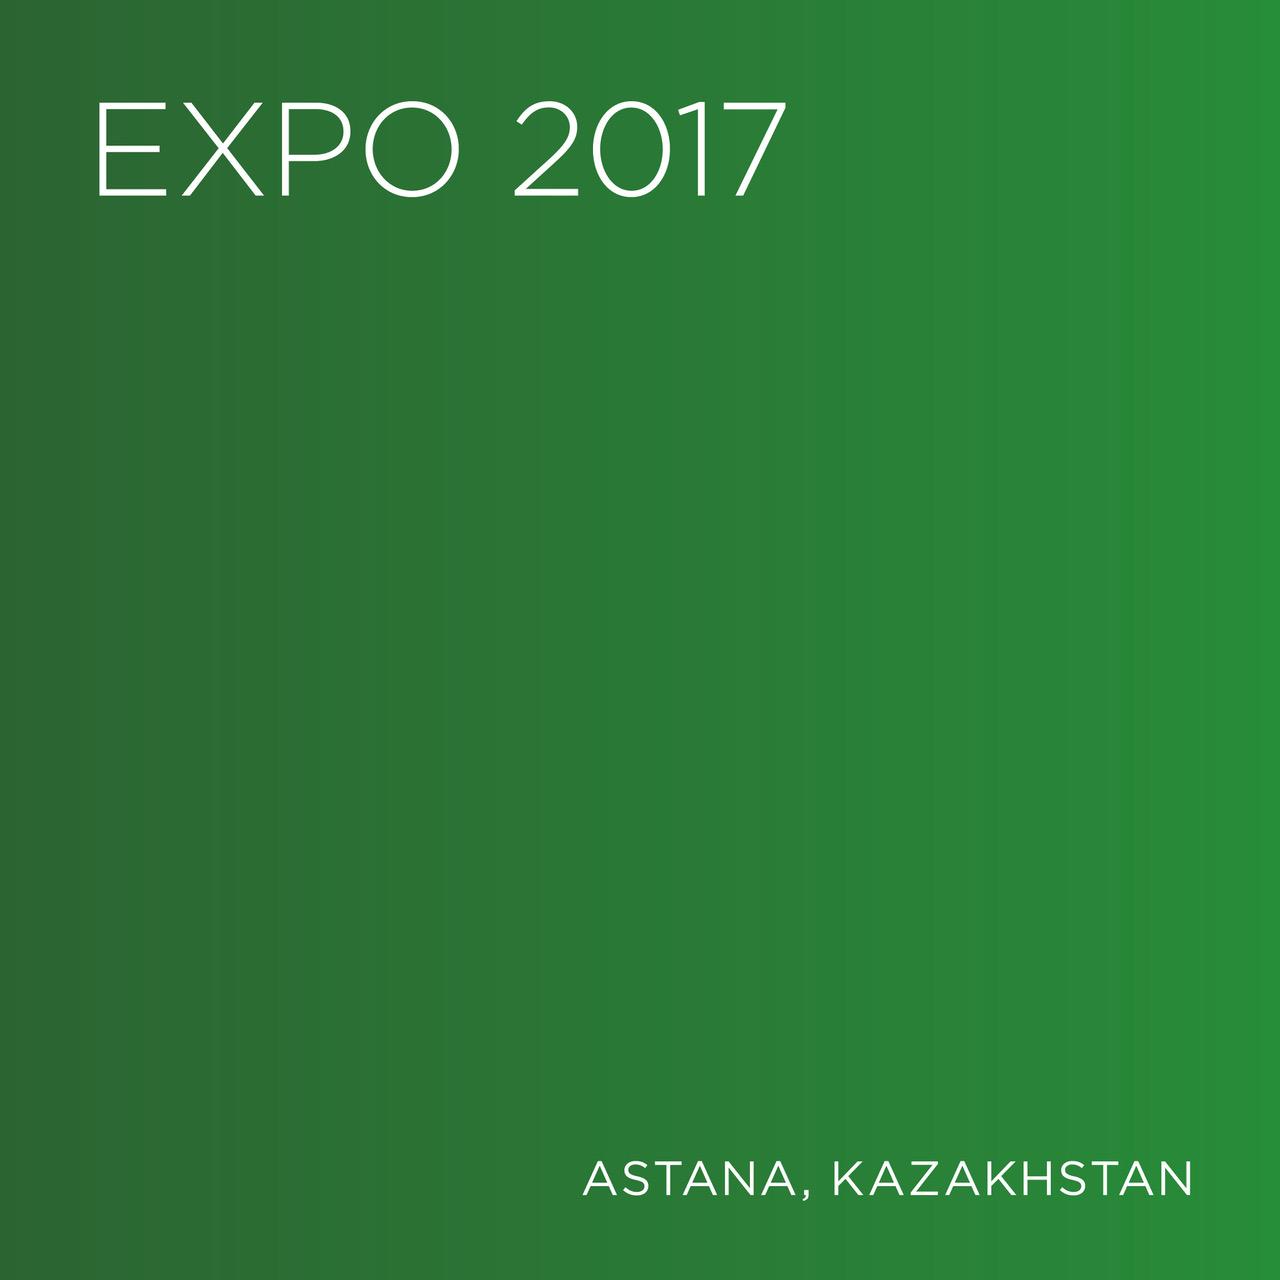 EXPO 2017_Astana